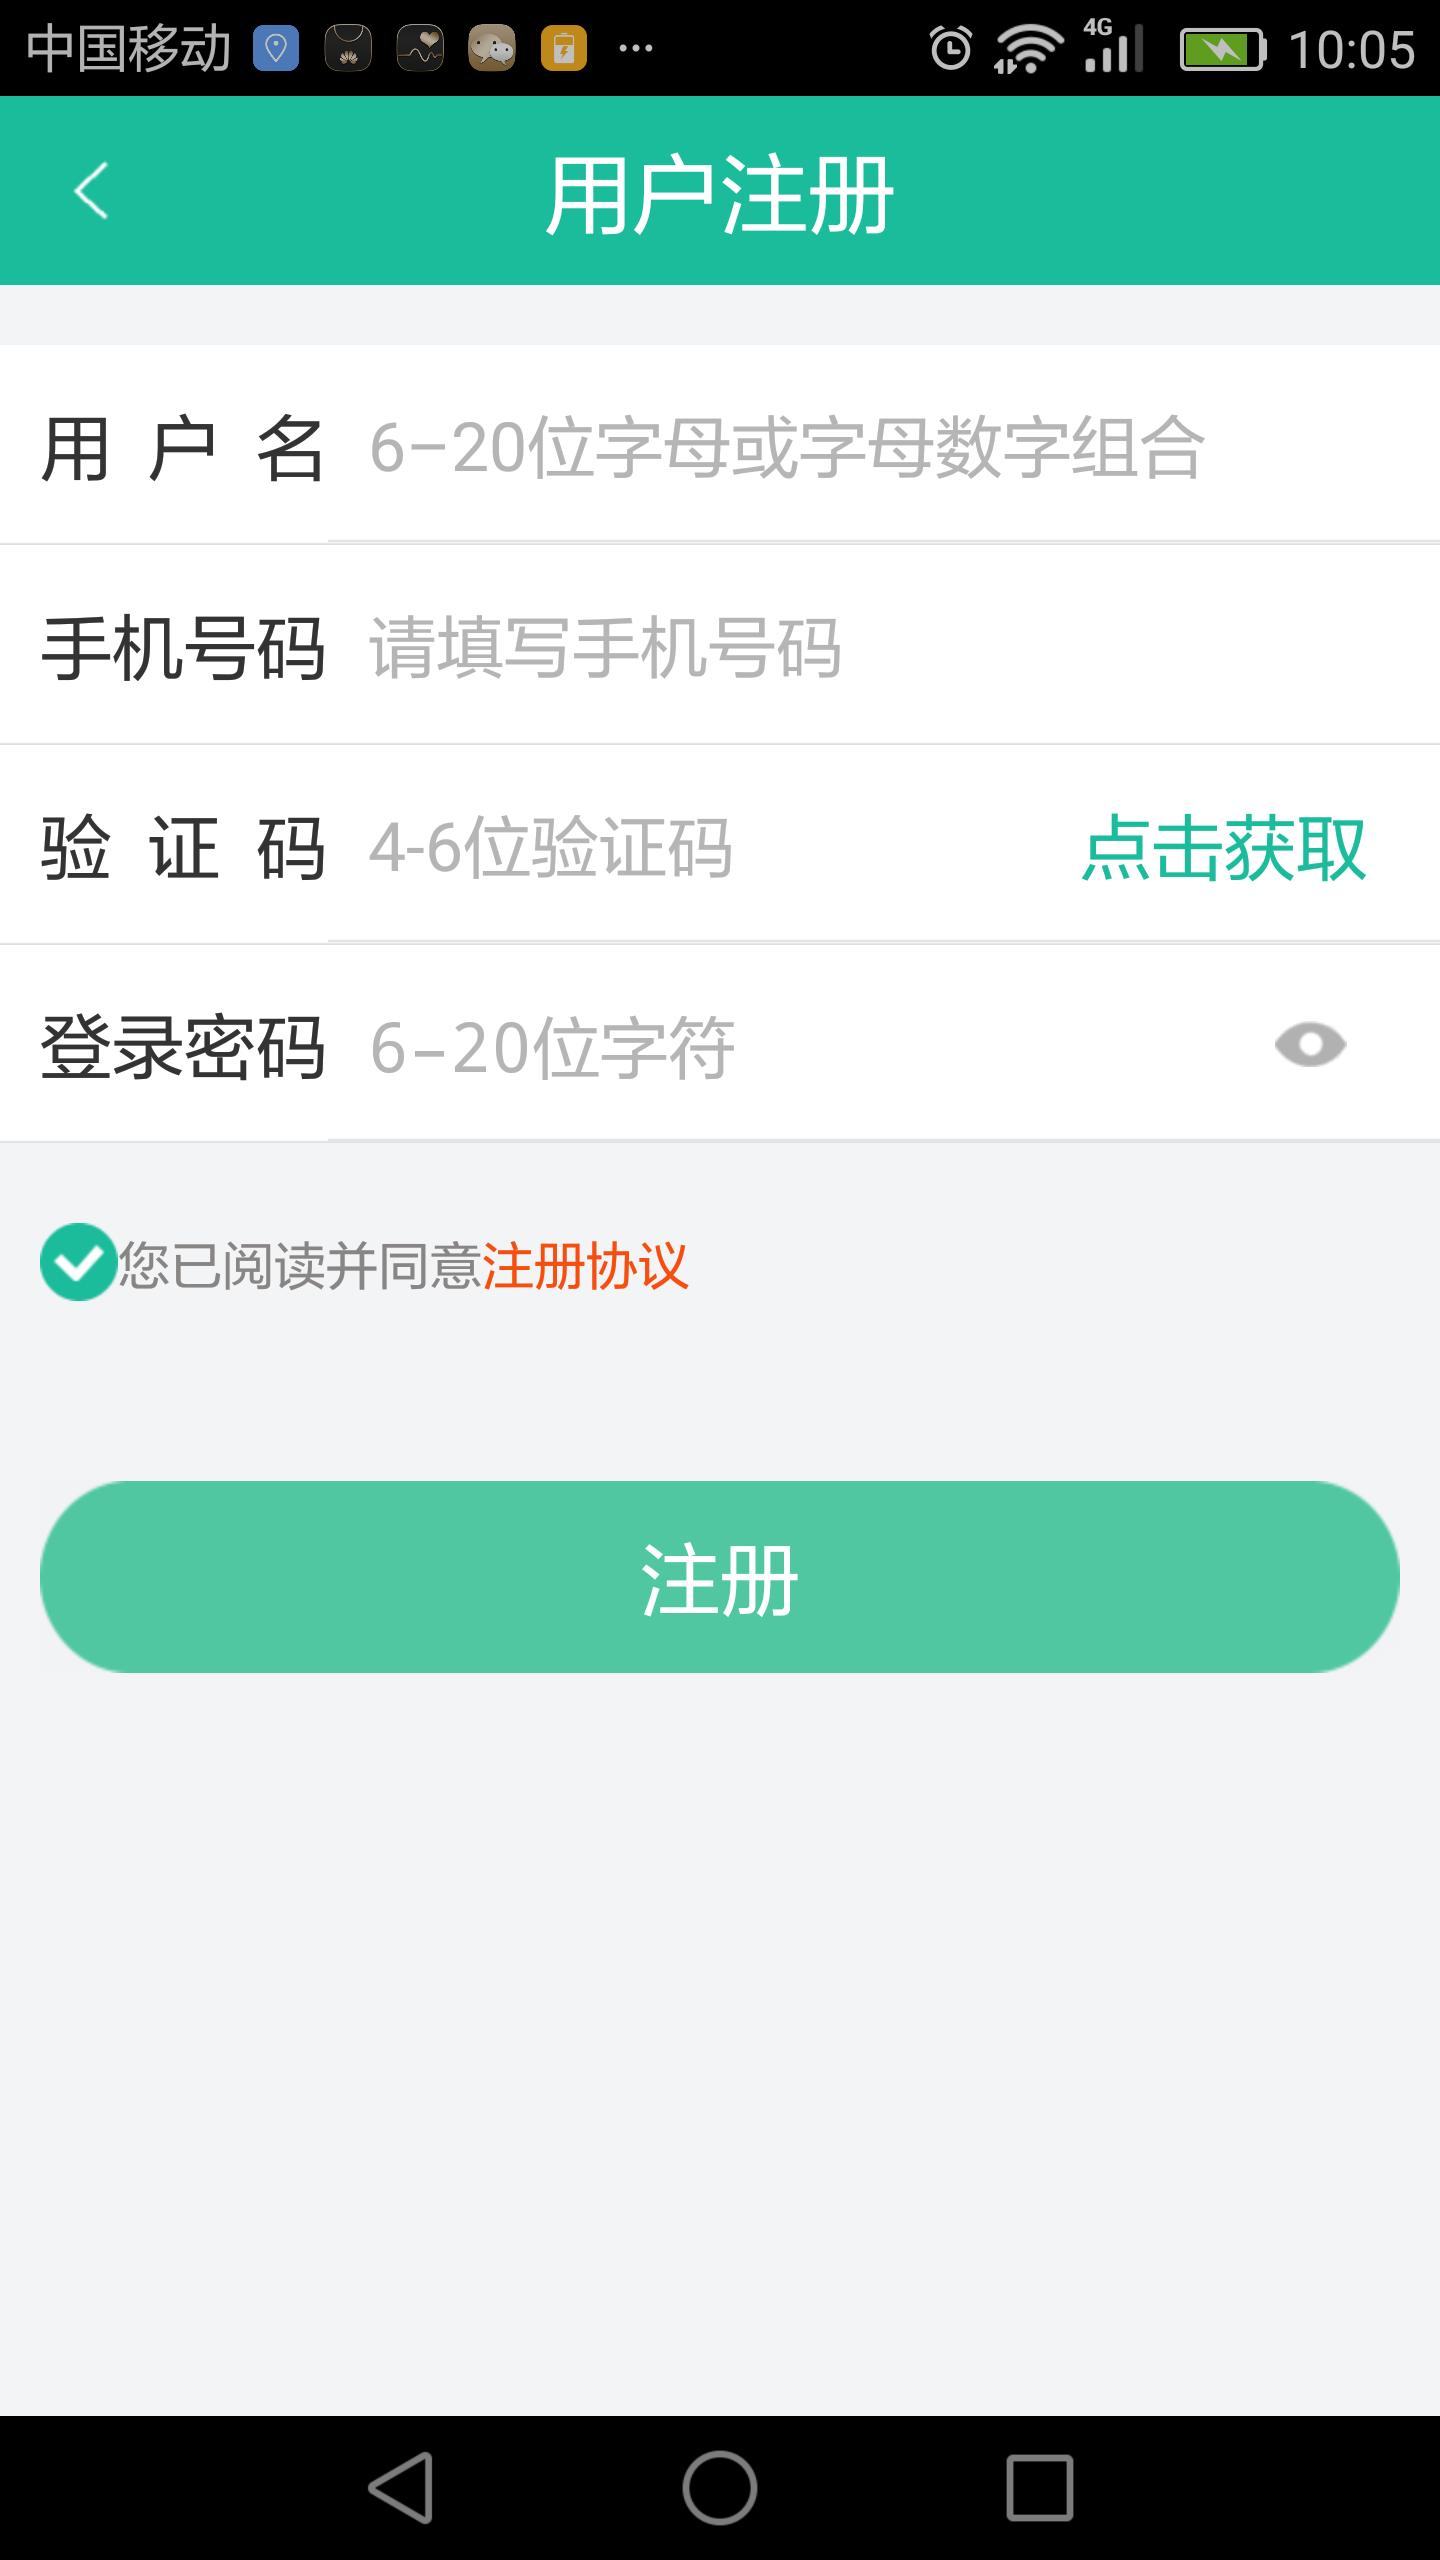 ���� ���轰�杞芥��涓��靛��app,渚��佃�ヤ�����韬�甯�,缂寸�佃�?涓��″���� 淇℃��